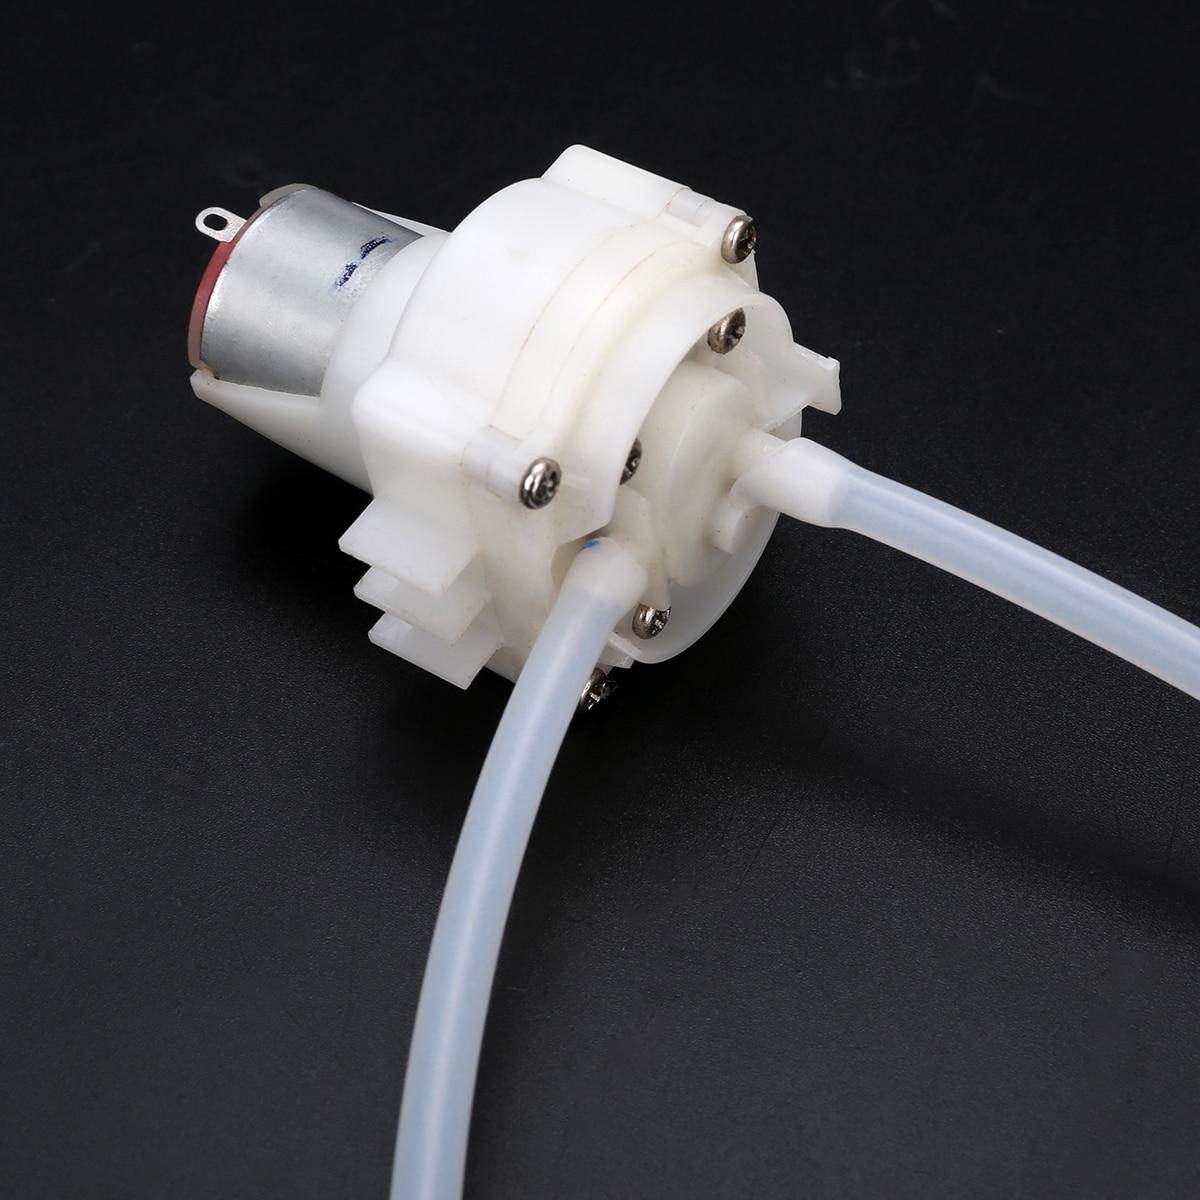 Мини насос двигатель DC 3,7 V-6 V 5V микро самовсасывающий погружной водяной насос низкий уровень шума масляный насос + 1 м мягкий шланг